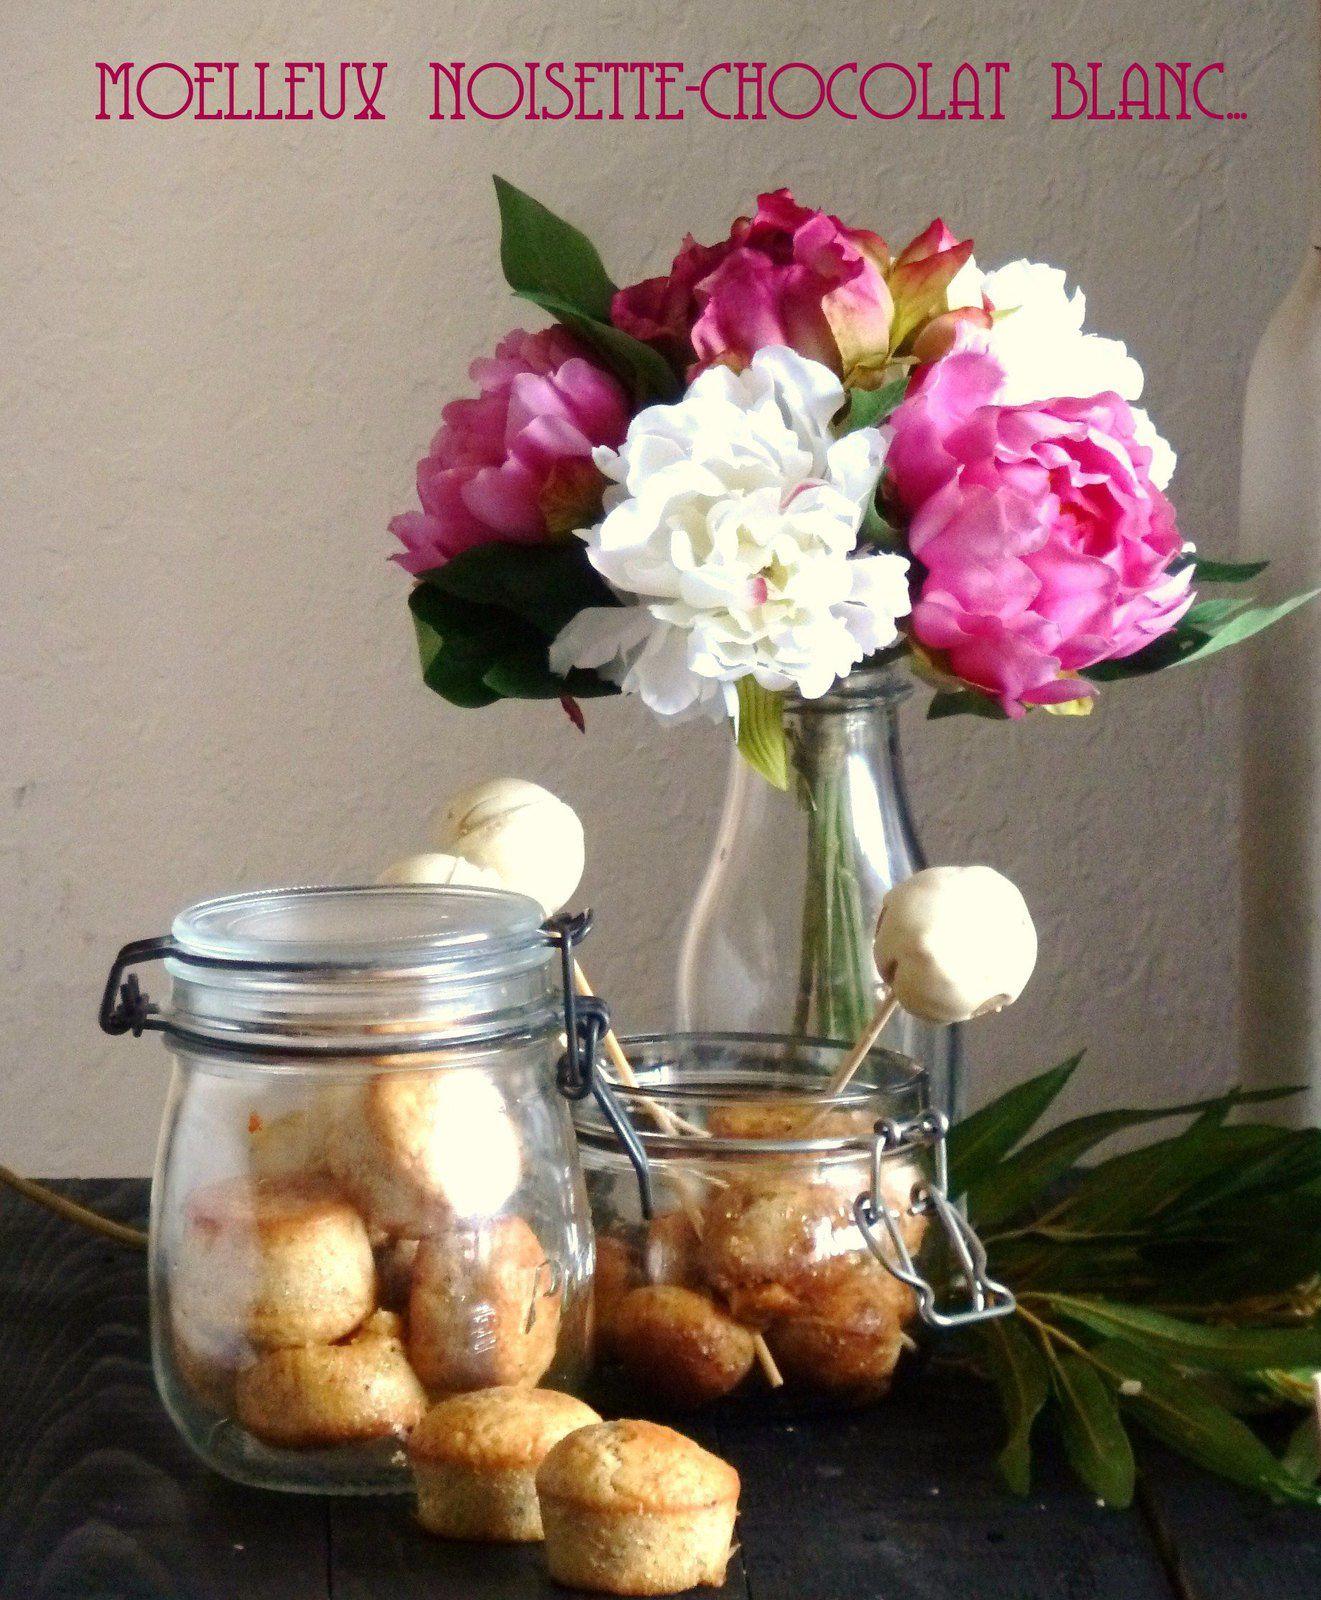 Moelleux noisette-chocolat blanc et leur version pop-cake